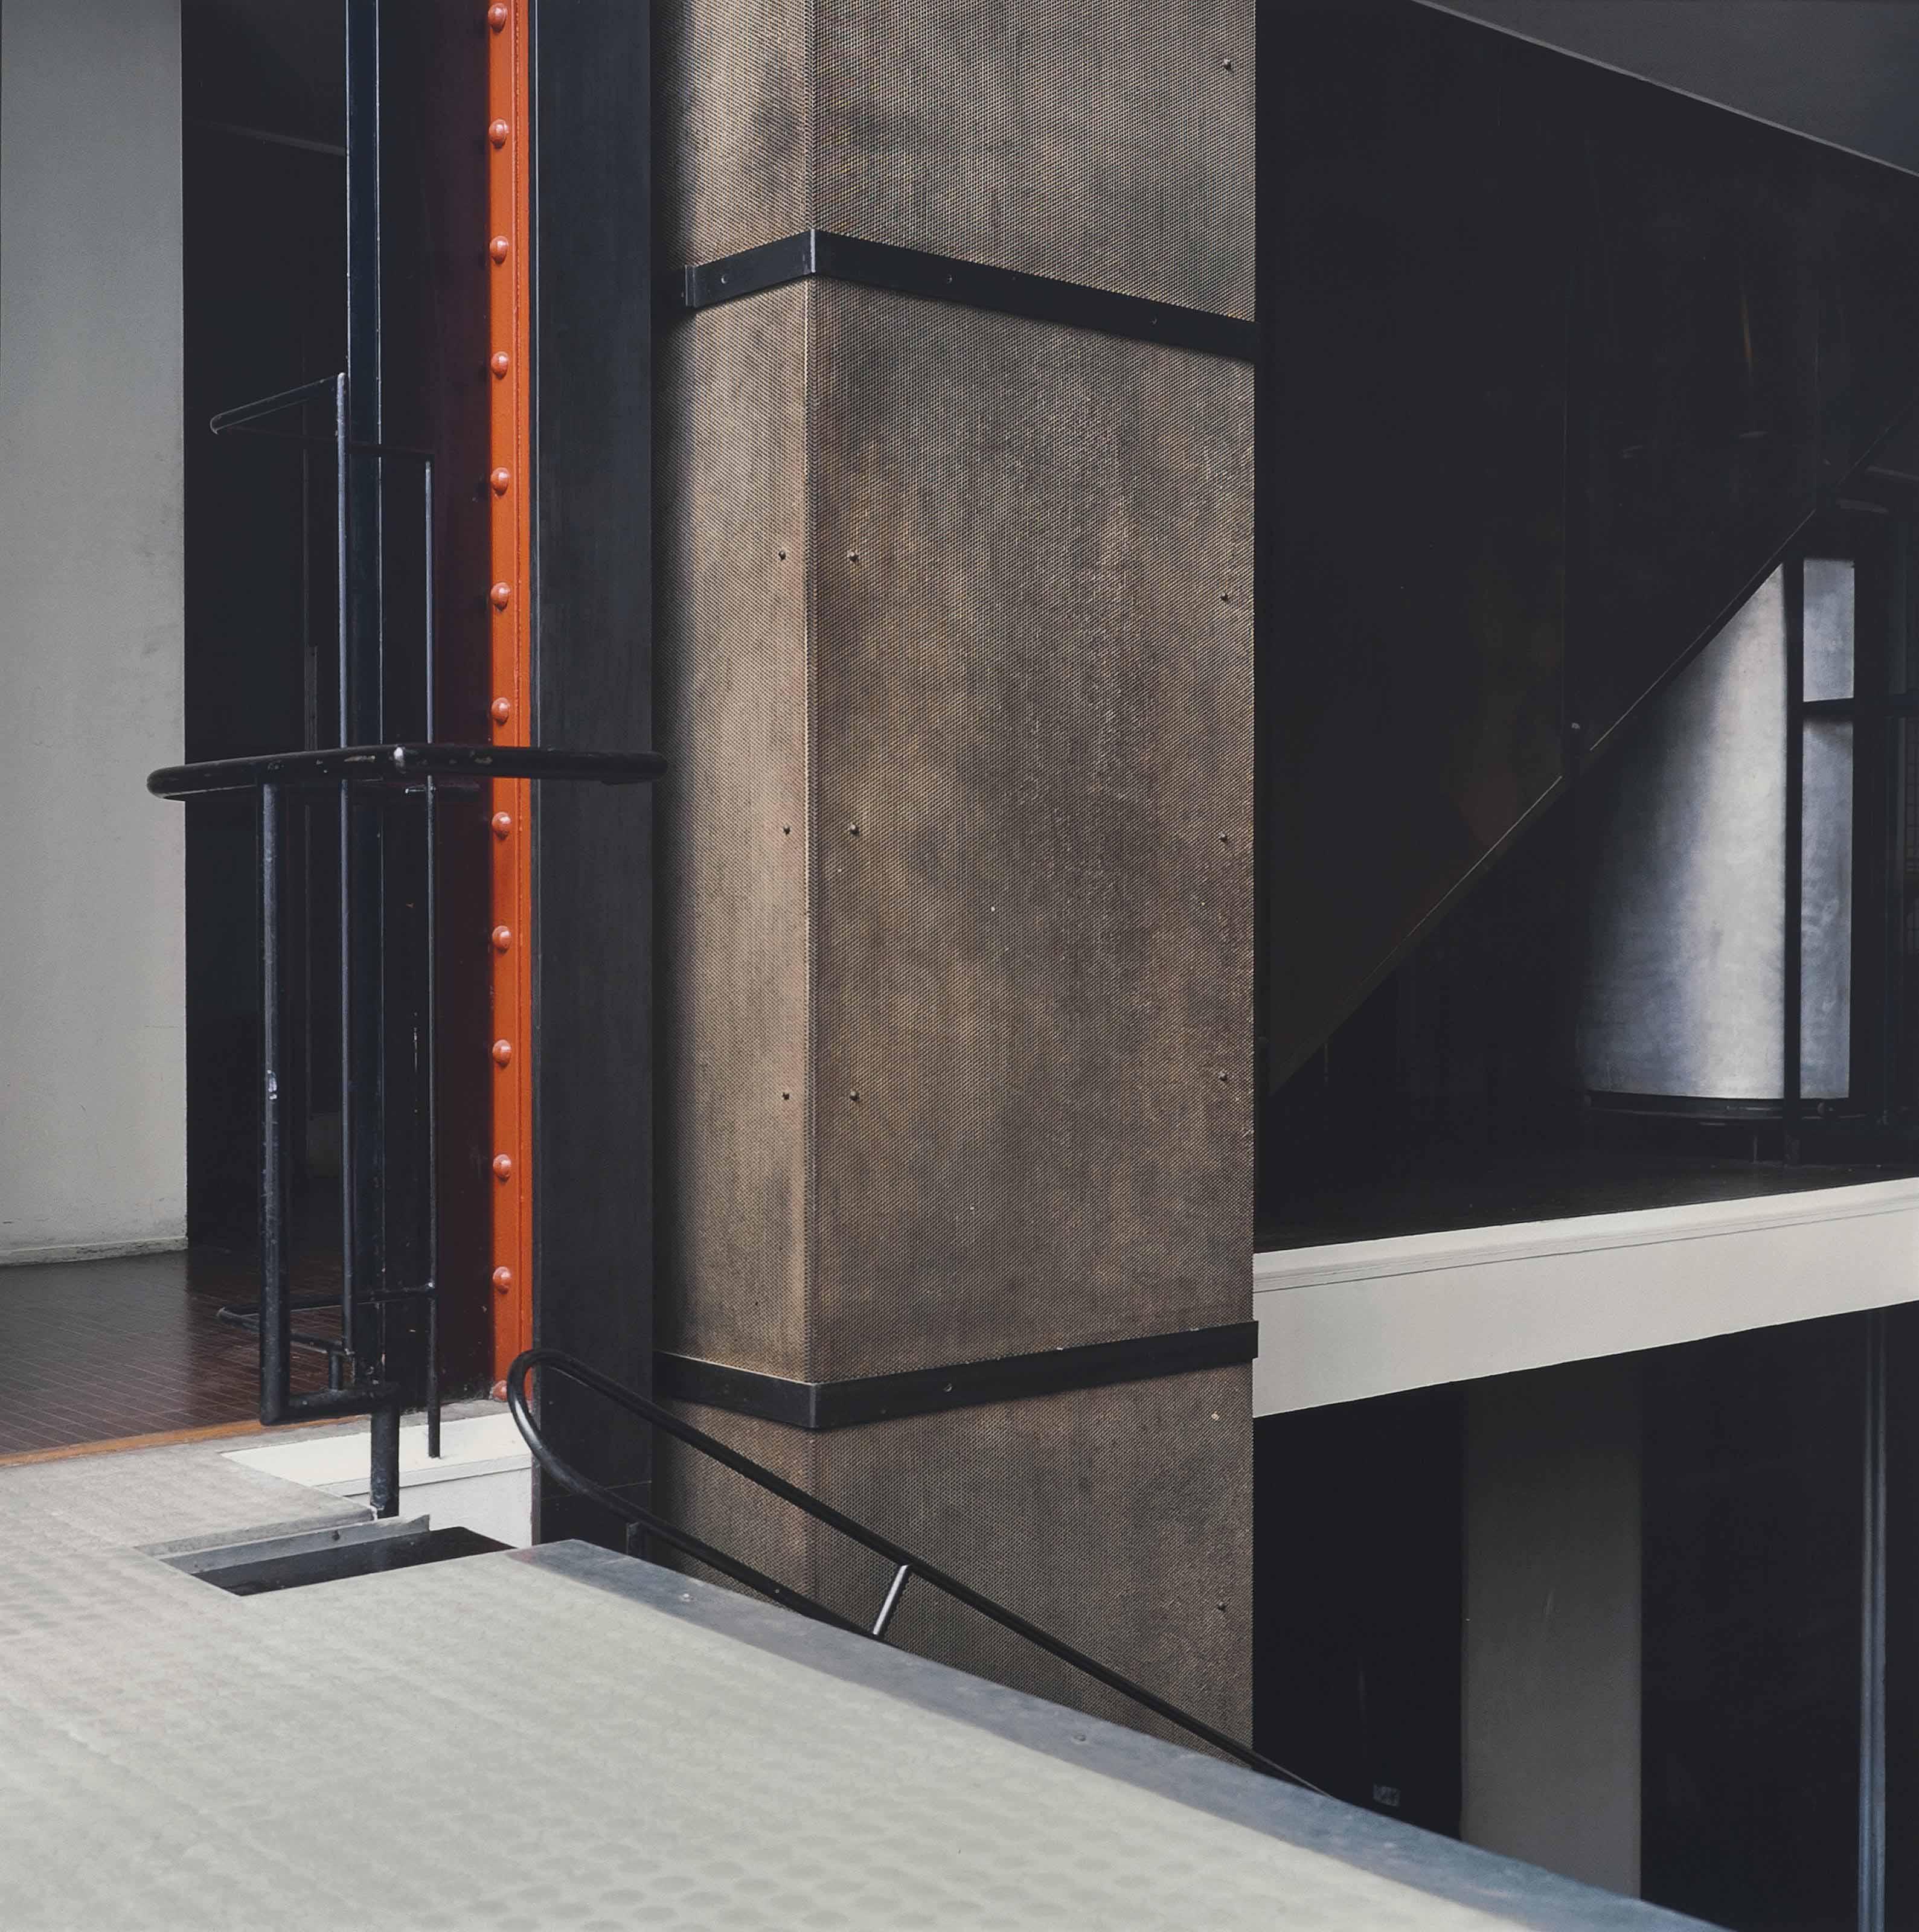 Glass House, Architect Pierre Chareau, Paris 2001